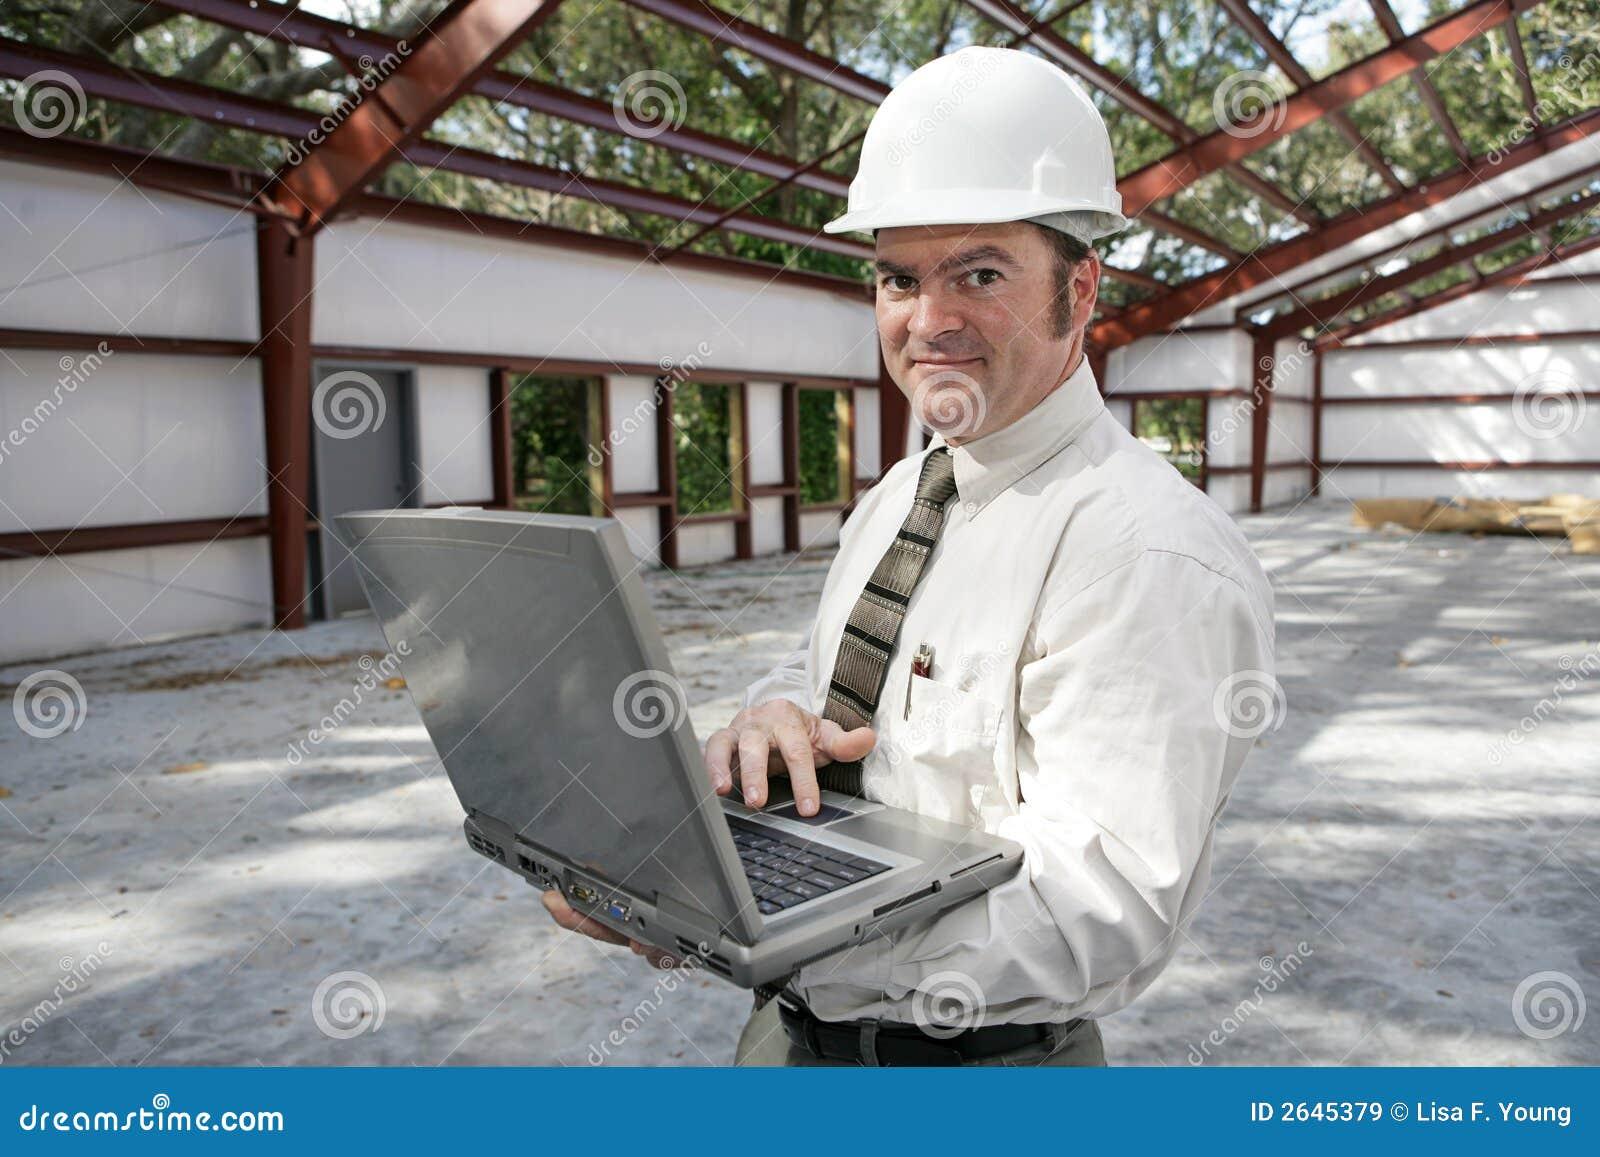 επιθεωρητής κατασκευής σε απευθείας σύνδεση